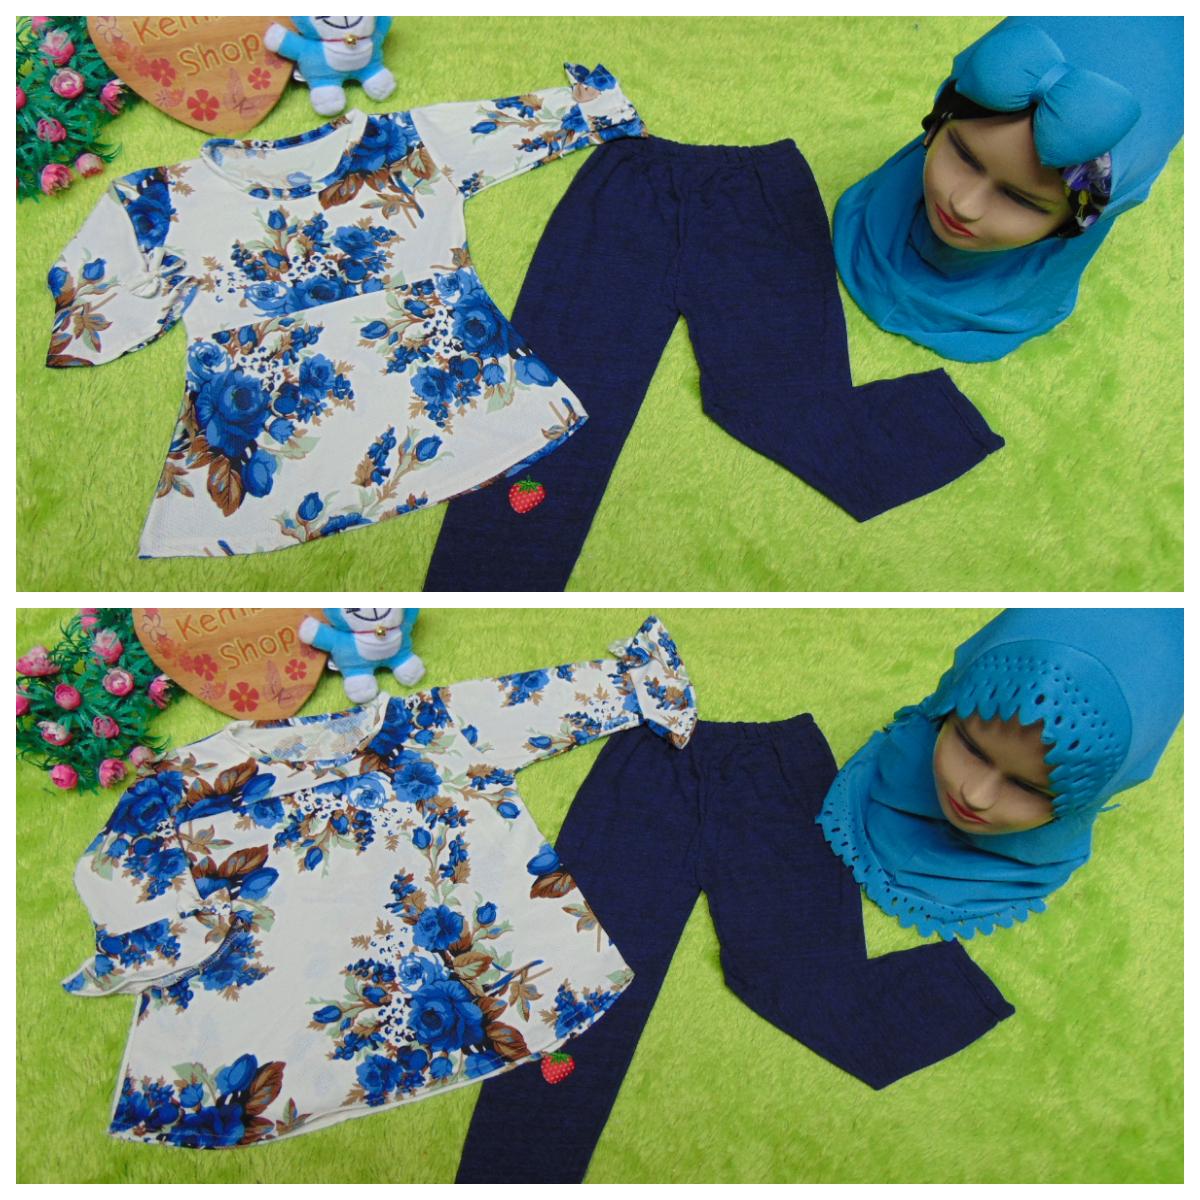 foto utama PLUS HIJAB setelan baju legging muslim anak Azzahra gamis bayi 6-18bulan plus jilbab flower navy 57 lebar dada 28cm, panjang baju 37cm, panjang celana 48cm